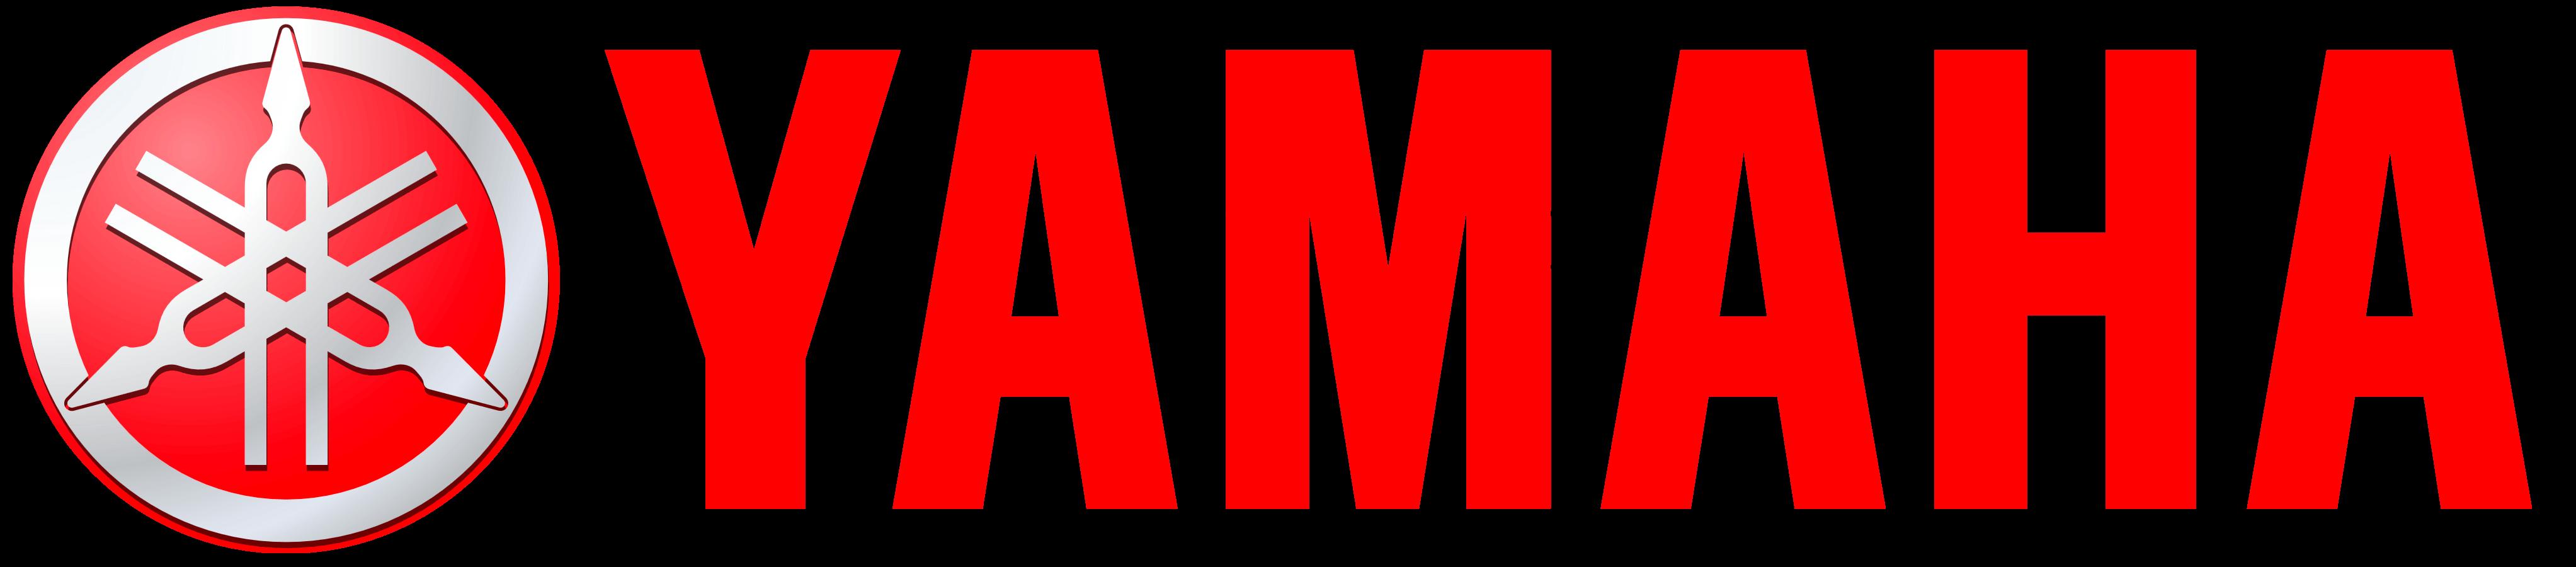 yamaha rødt logo